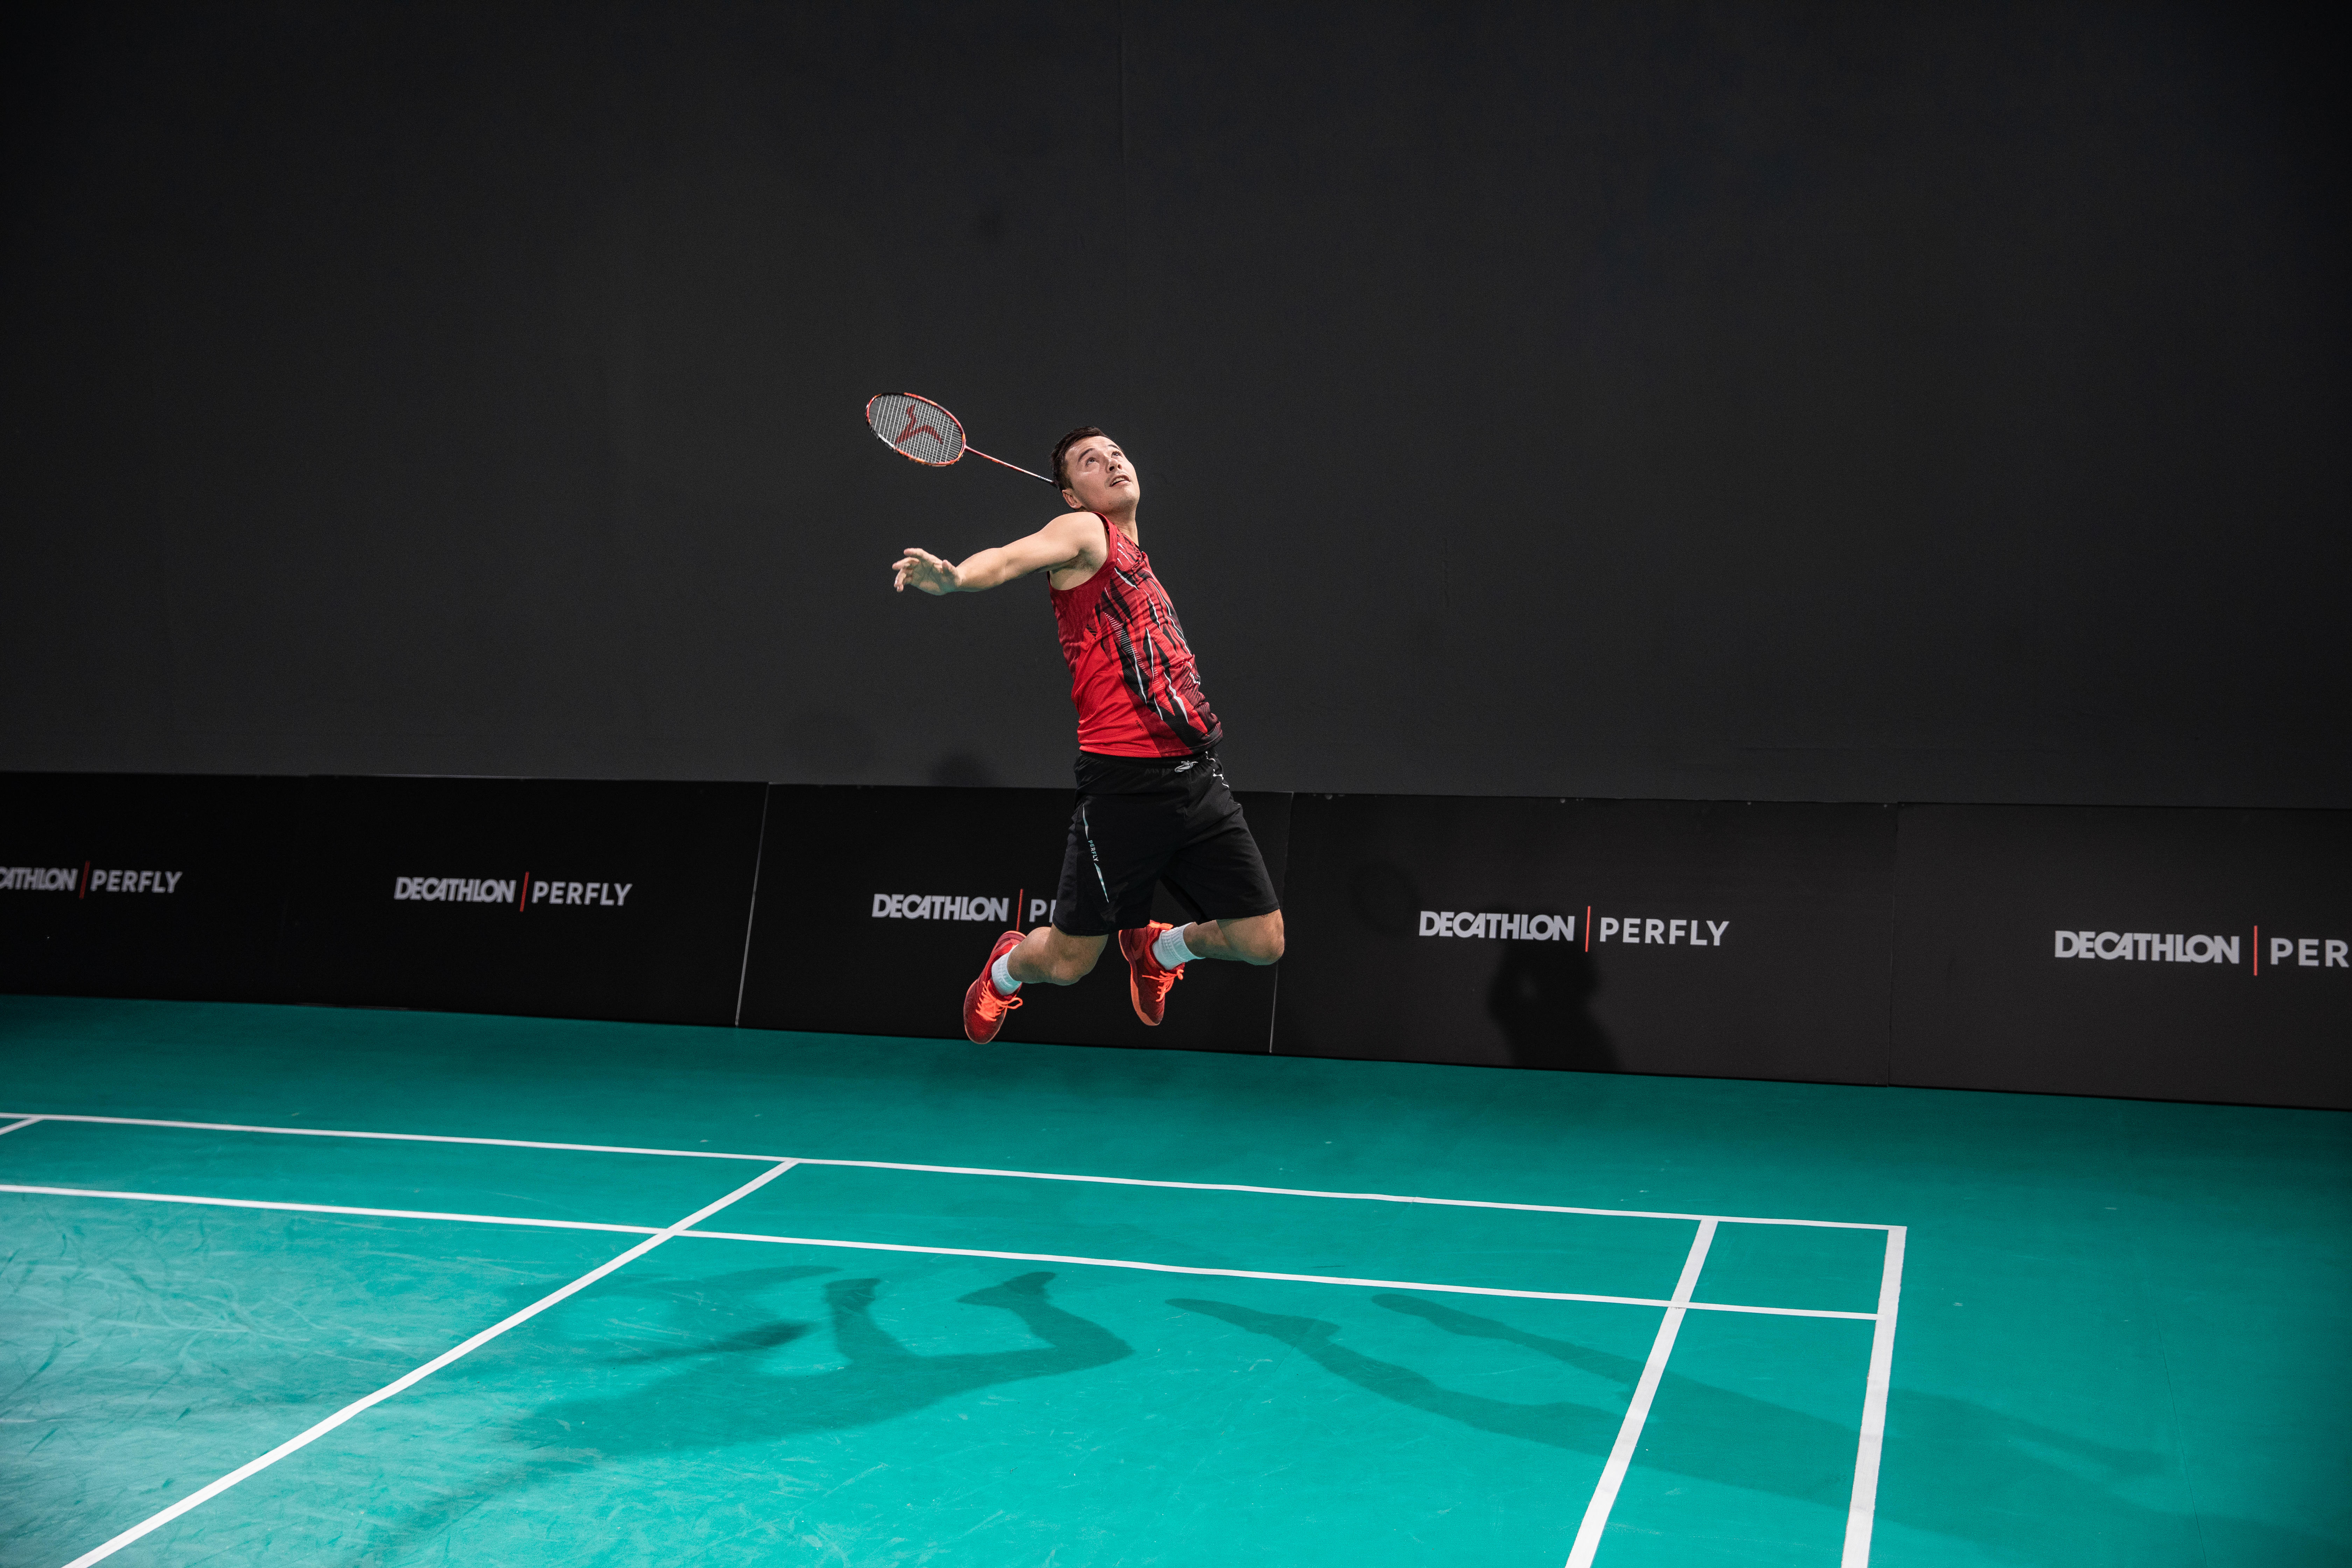 Badminton Smash - Easy Ways to Smash in Badminton - Decathlon